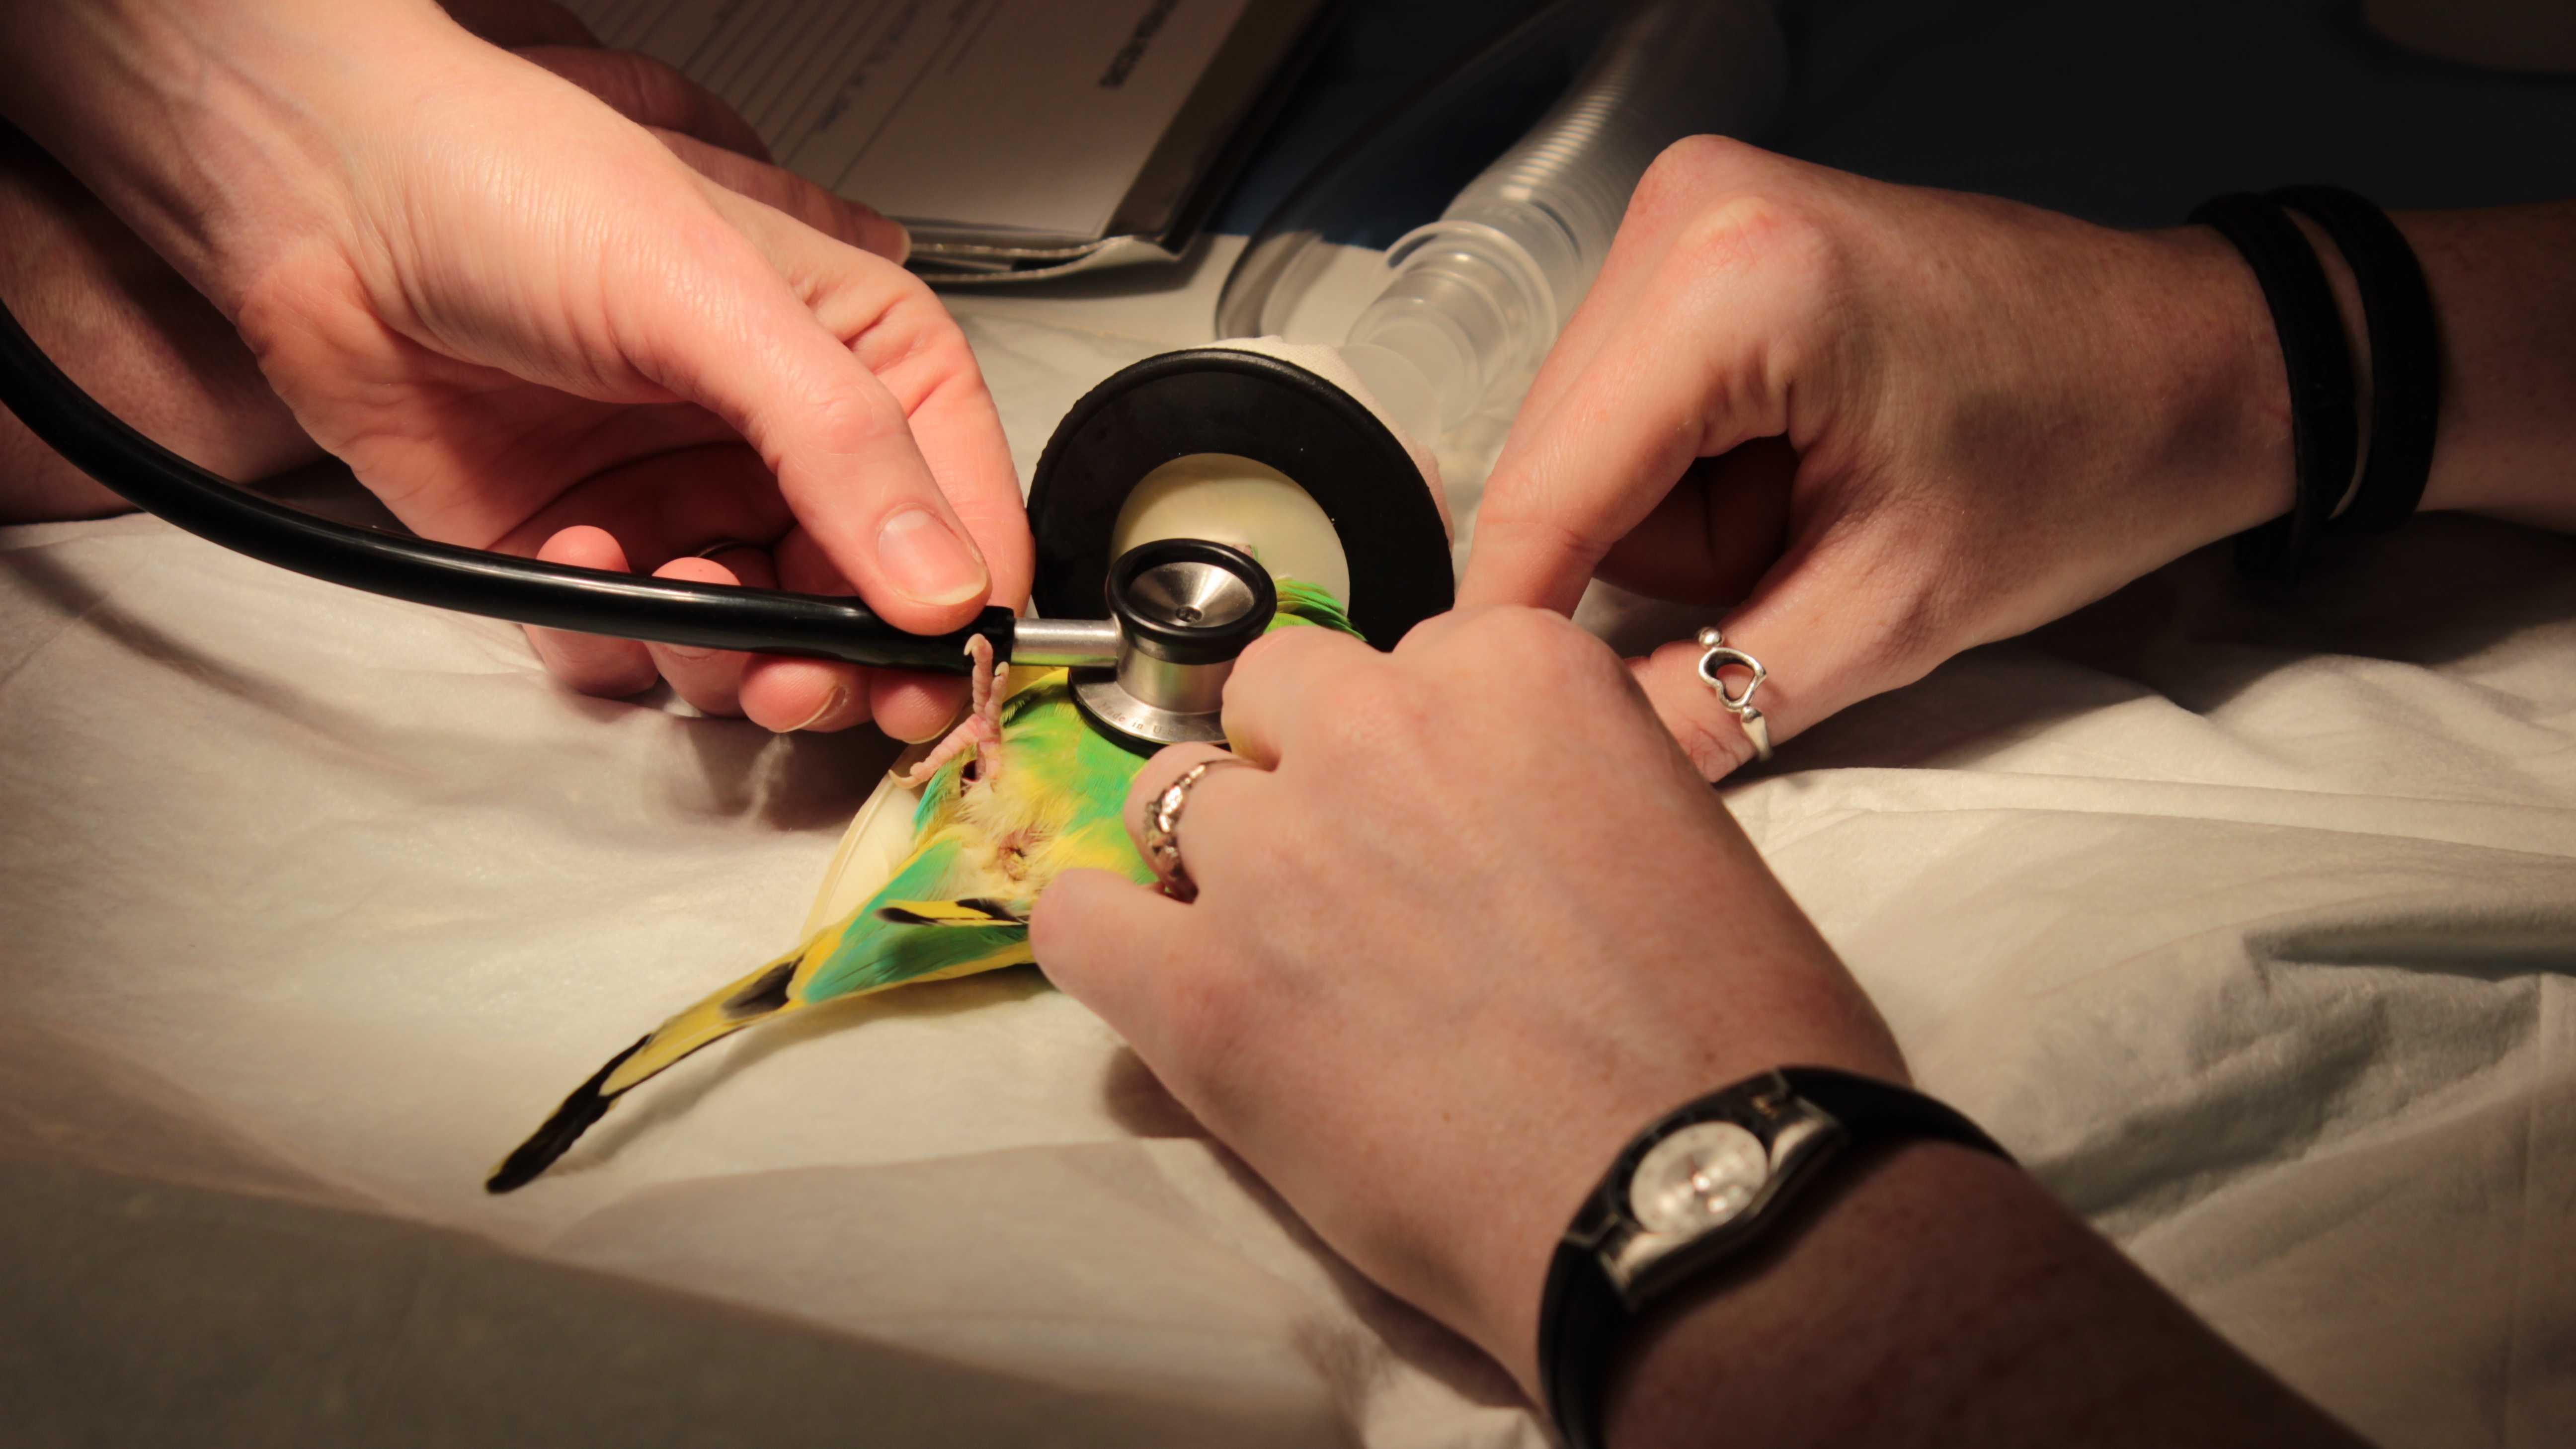 Parakeet in Vacuum cleaner 3.3.14